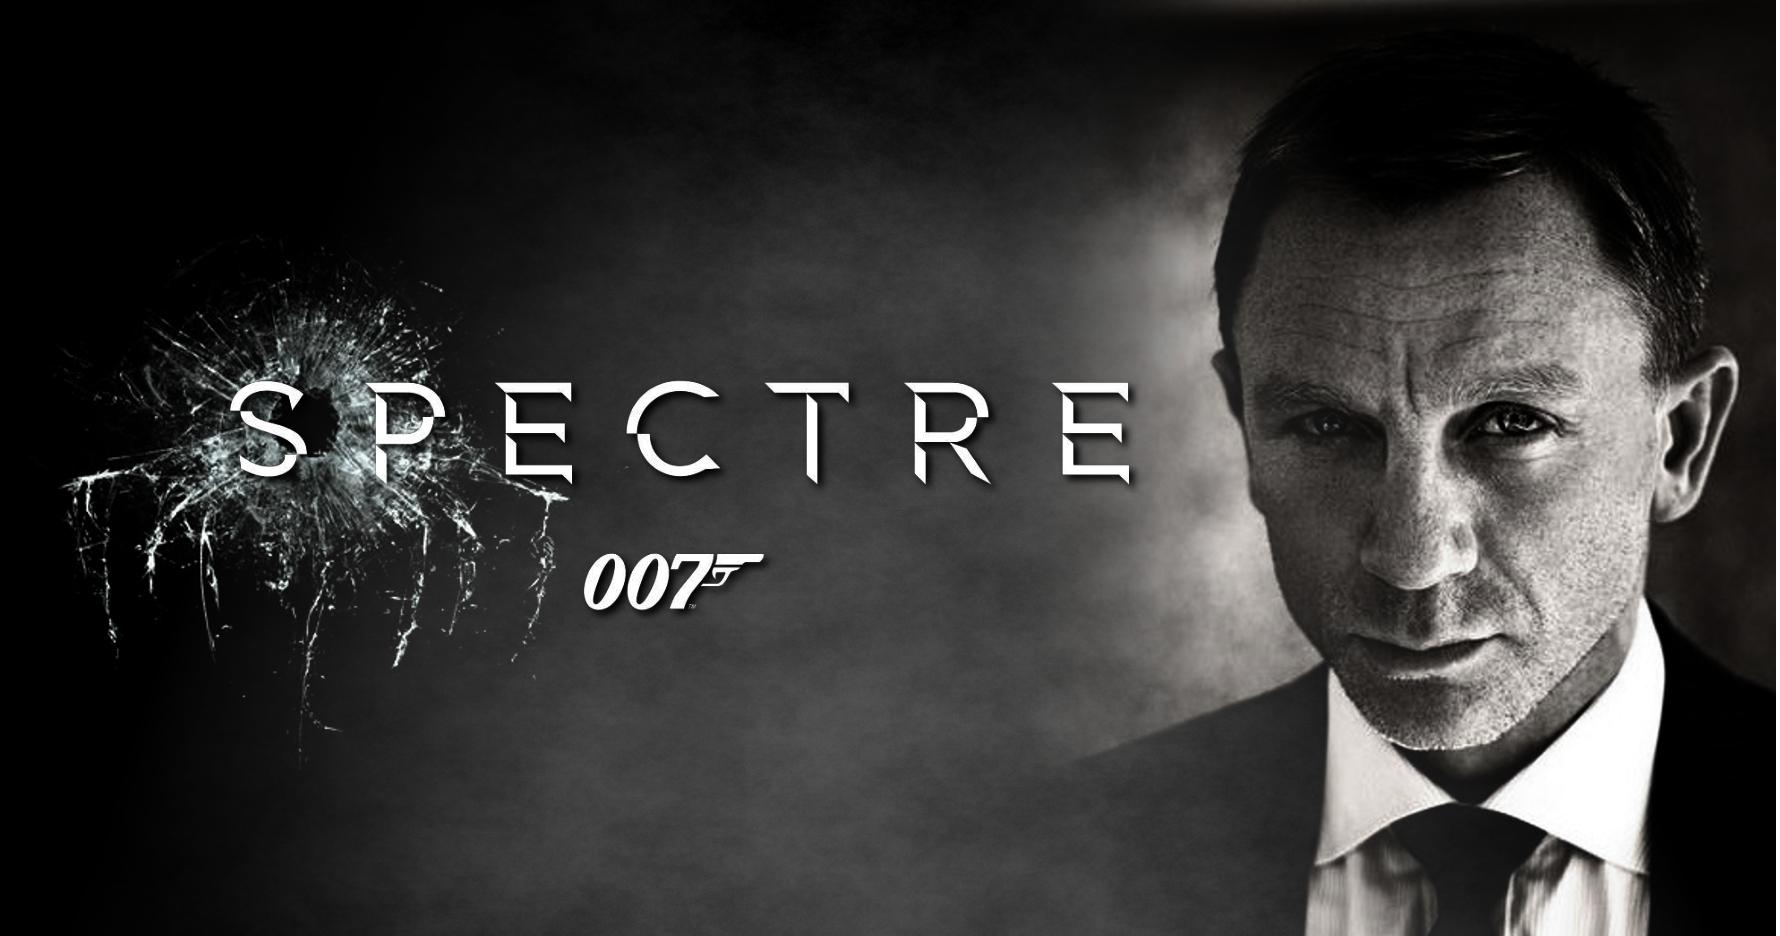 """007 се враќа: """"Спектра"""" претпремиерно во Cineplexx"""